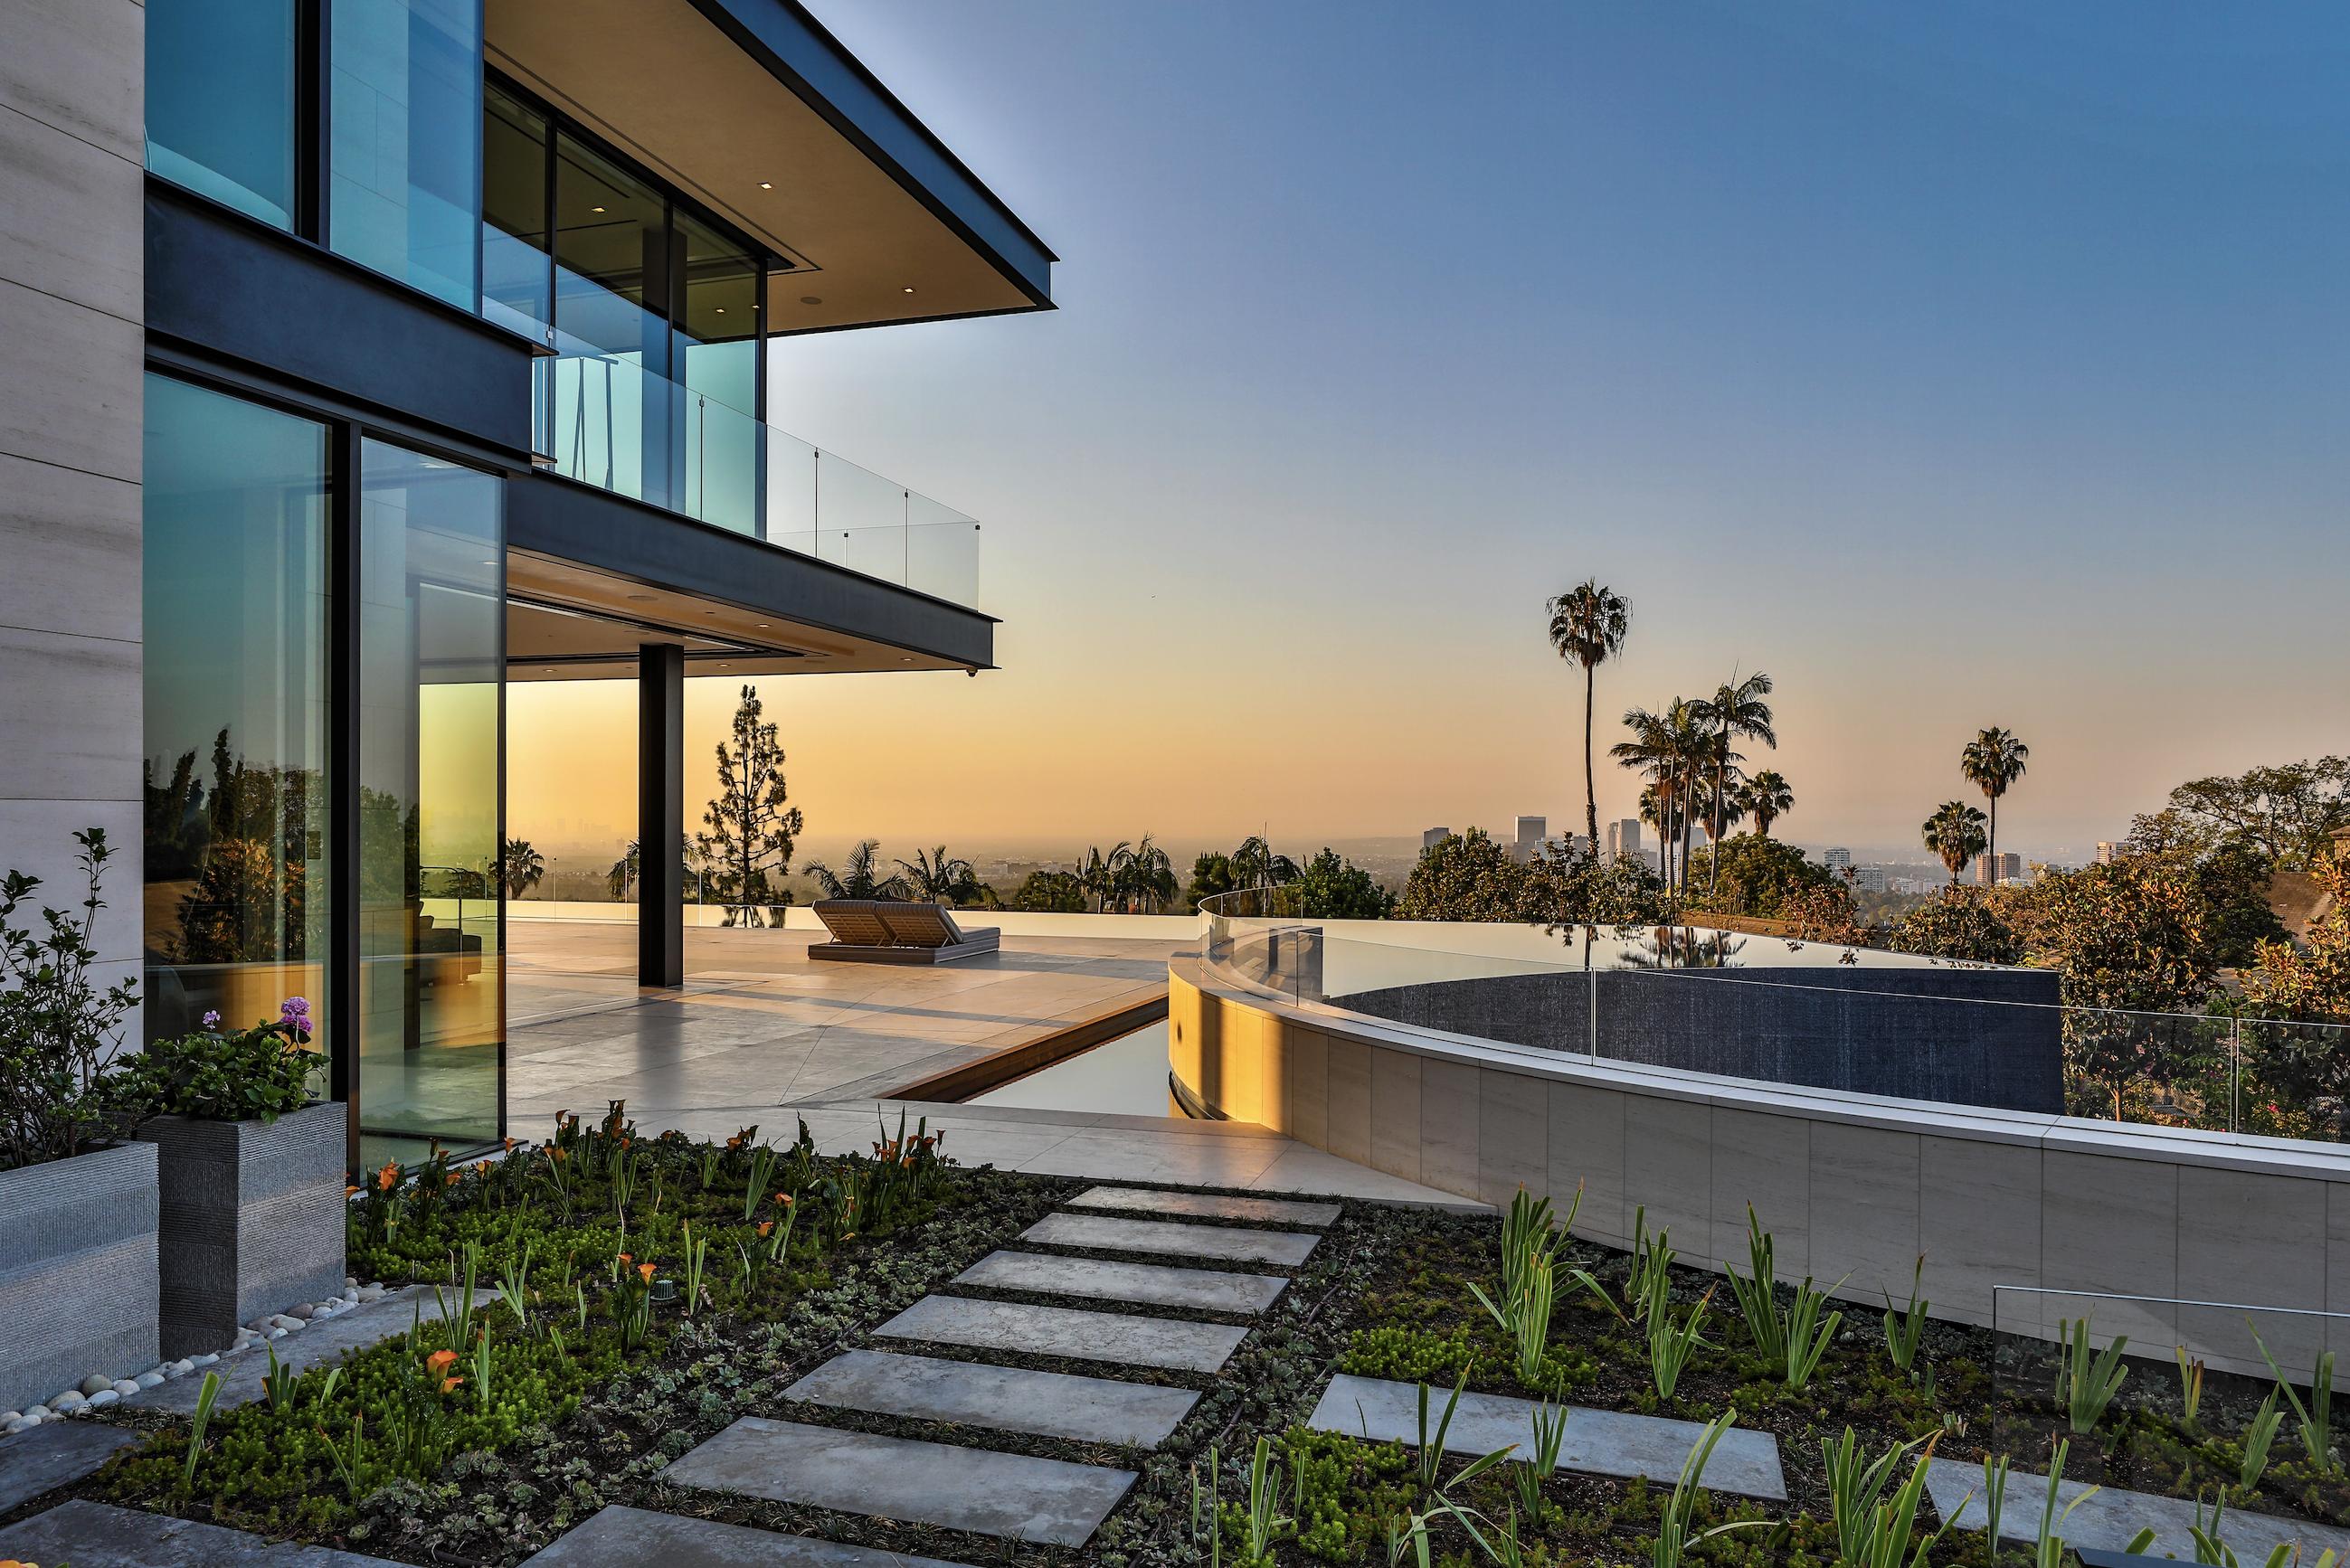 Ett underbart modernt lyxhus designat av McClean Design